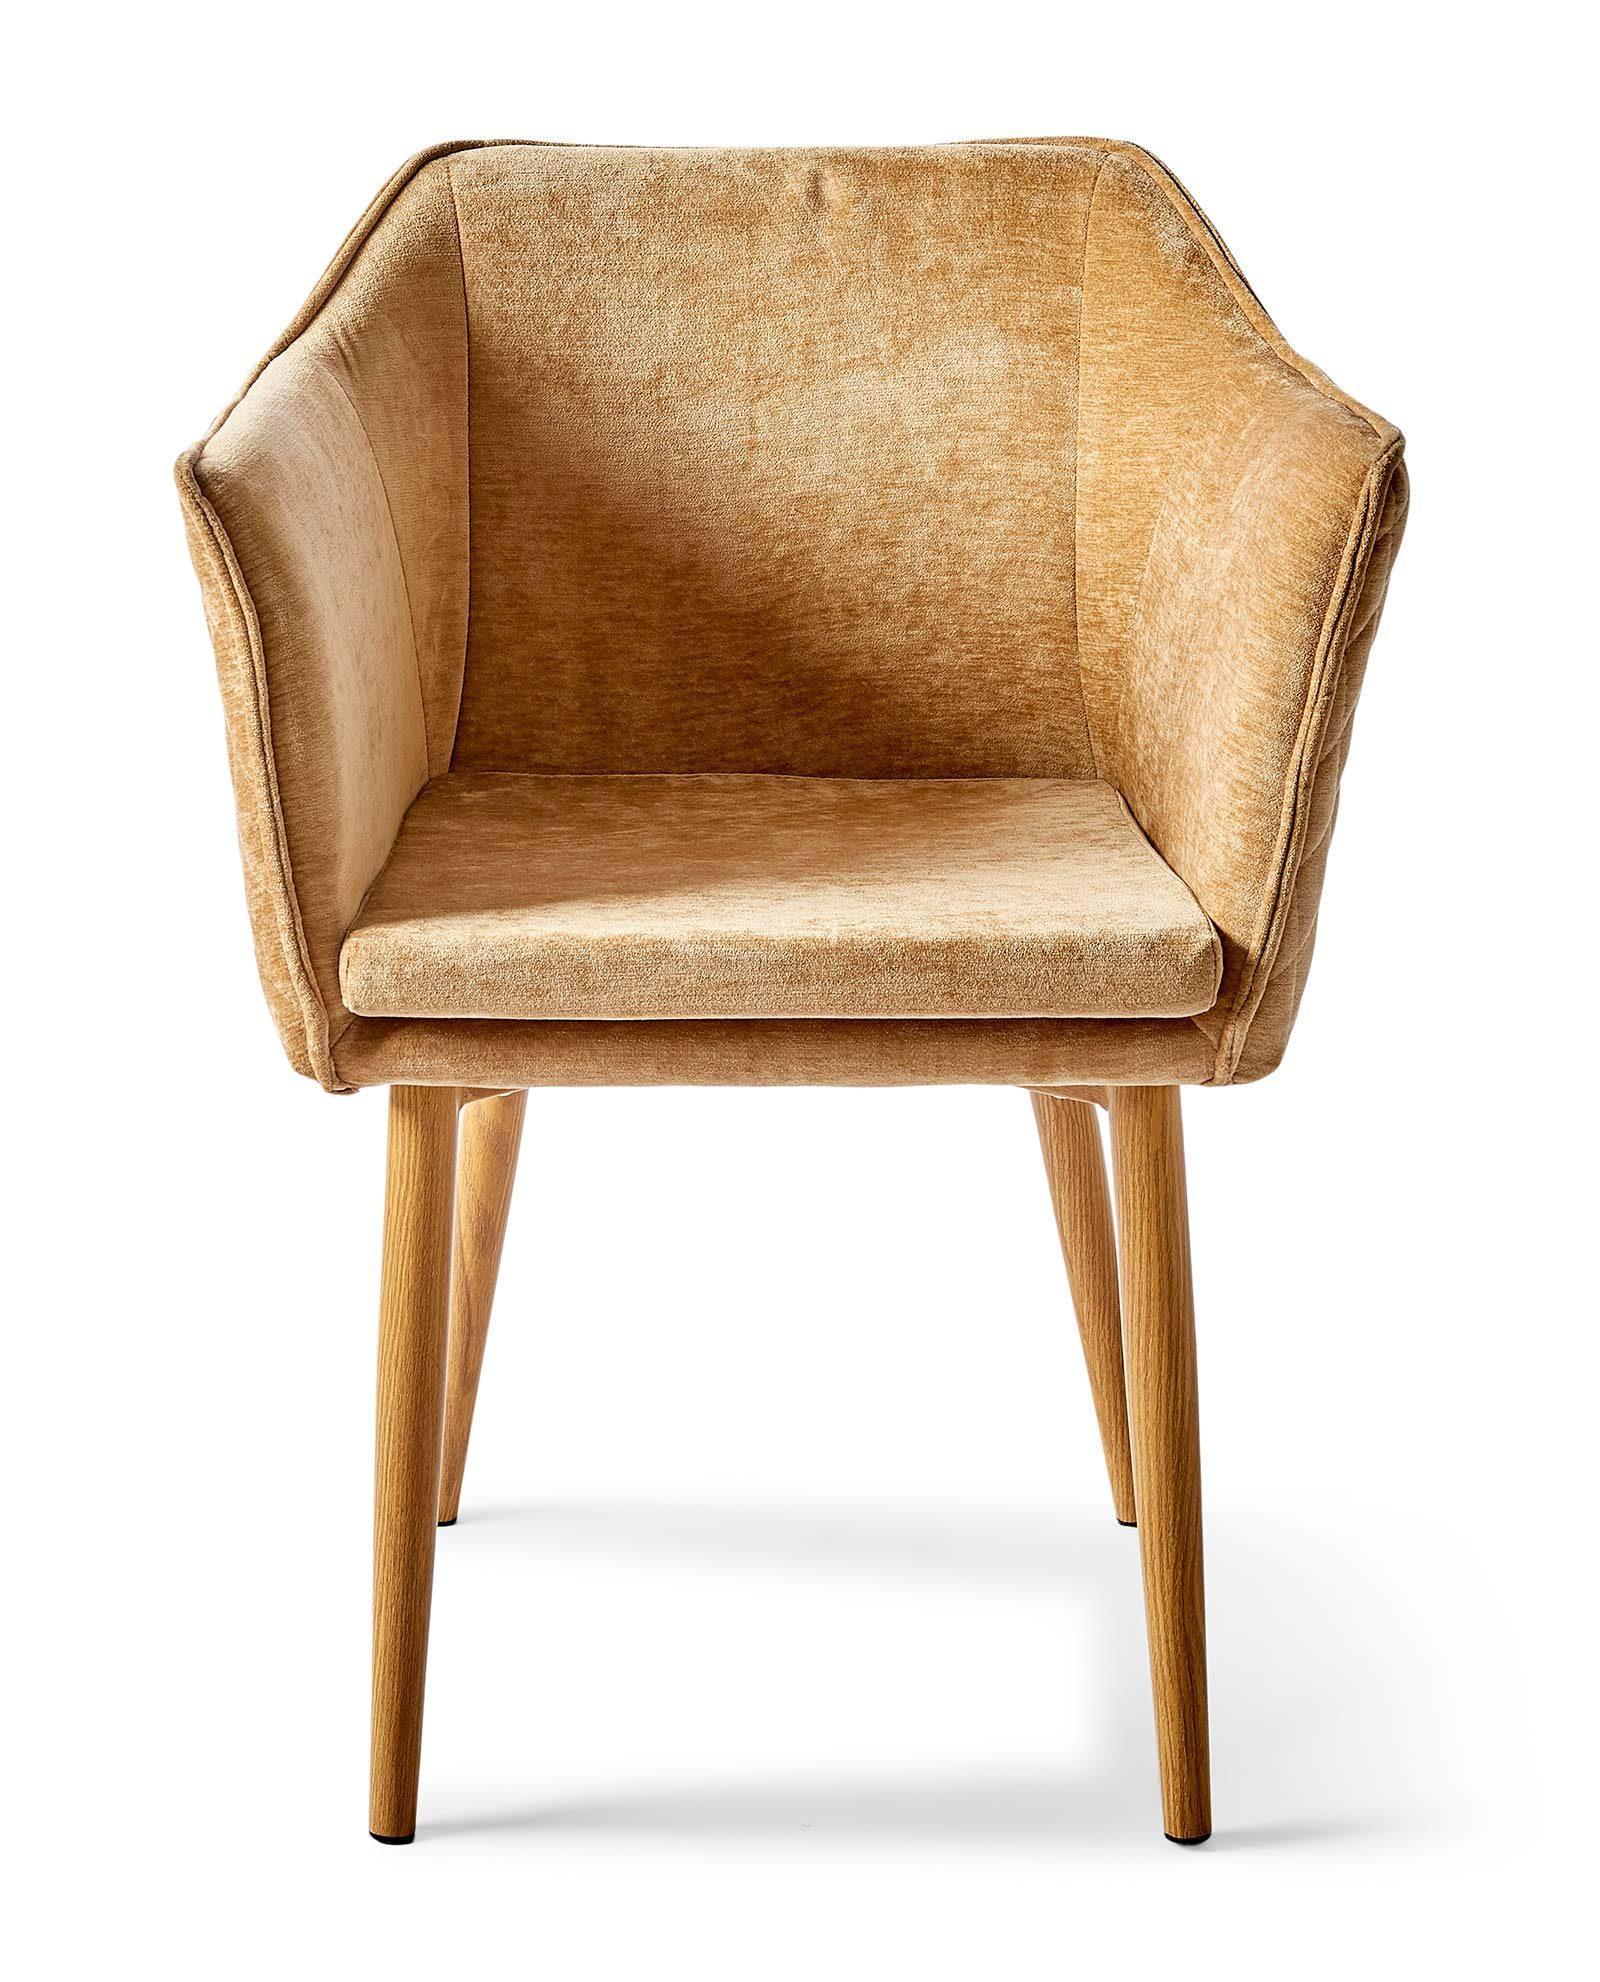 Riviera Maison fauteuil Megan Copper 4159006 2